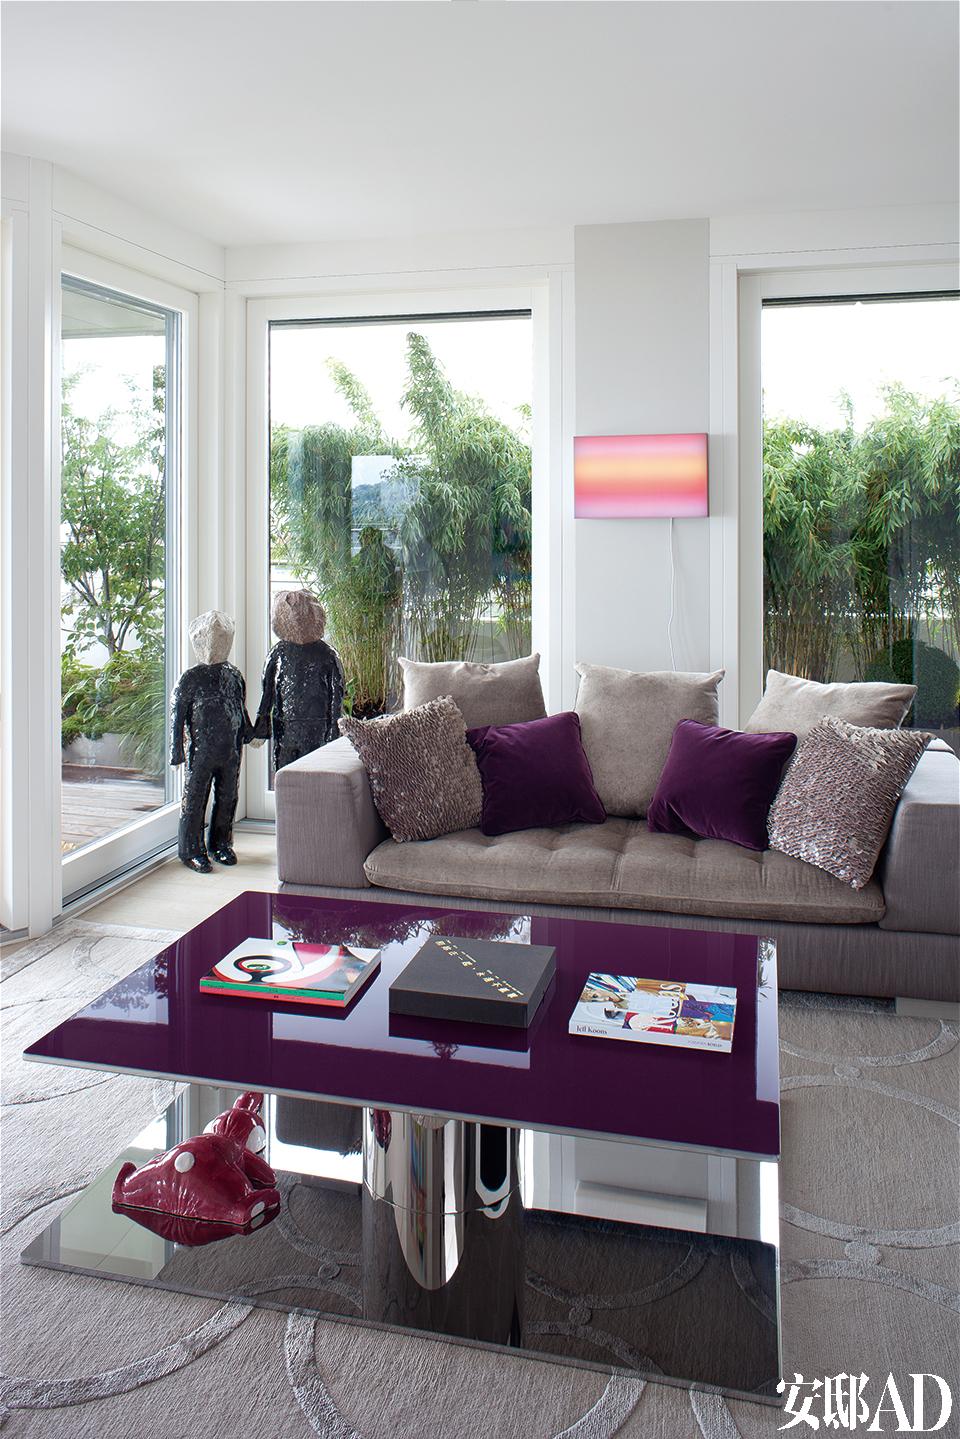 主人对紫色情有独钟,这一色系的所有颜色都频繁地出现在这个家里。客厅里有Martin Székély的淡紫色矮桌,Charlie Point的长沙发,左边玻璃窗前是KlaraKristalova的陶瓷作品《男孩们》(The Boys)。两扇窗之间是LeoVillareal的Light Box。地面上,铺着Rug Company的地毯。